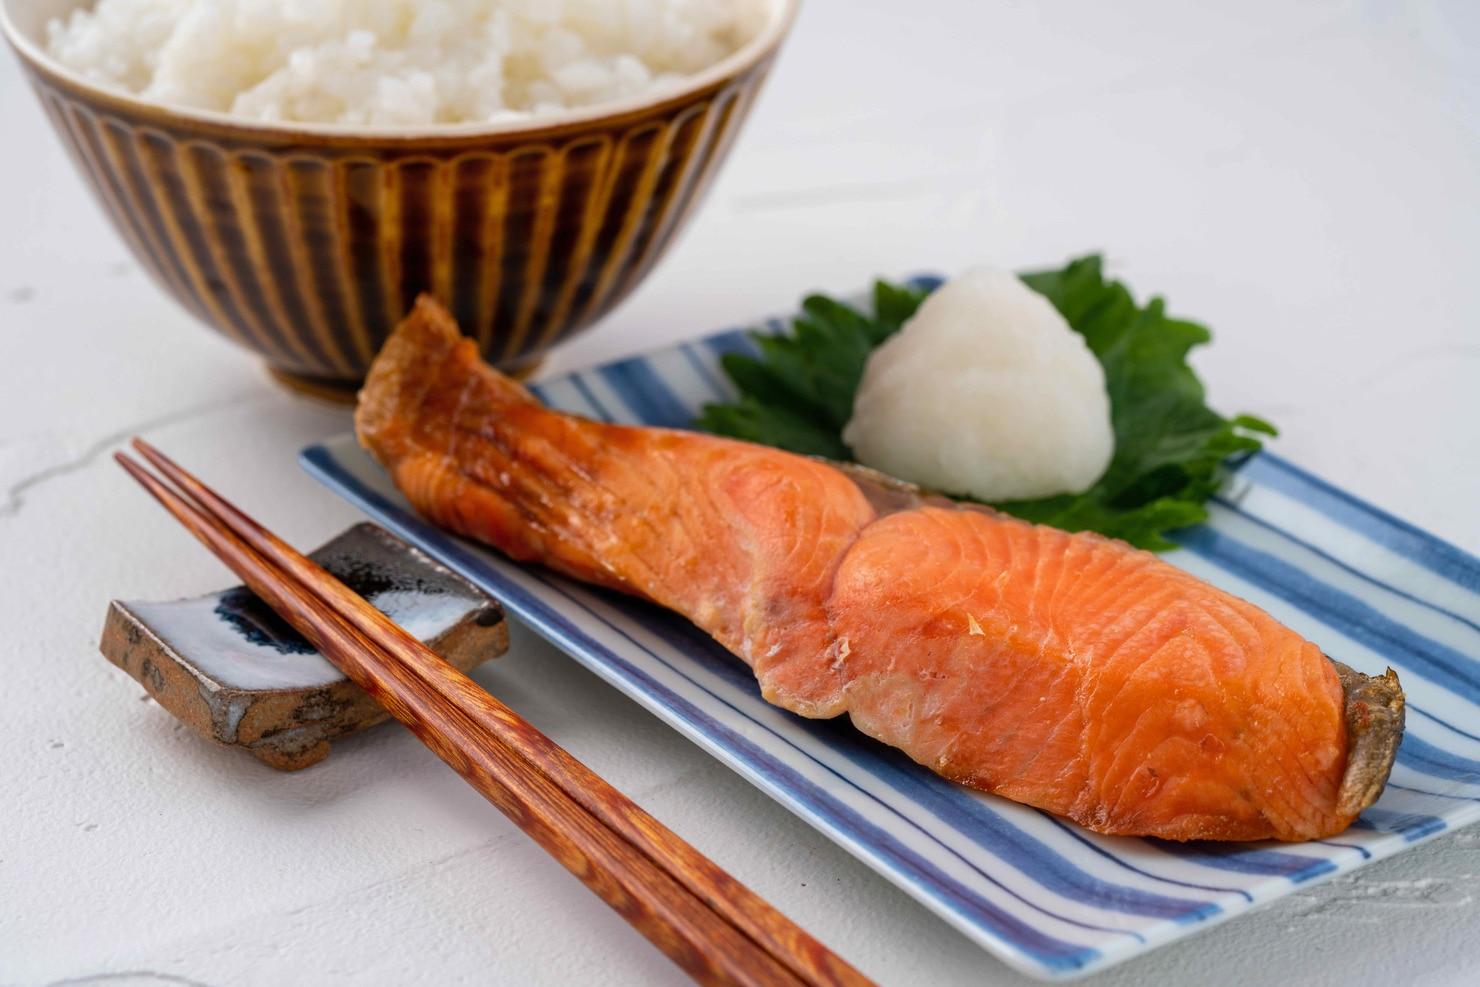 函館朝市にある船岡商店の焼いた甘塩紅鮭1切れと炊きたてのご飯,焼き鮭と白飯の朝食